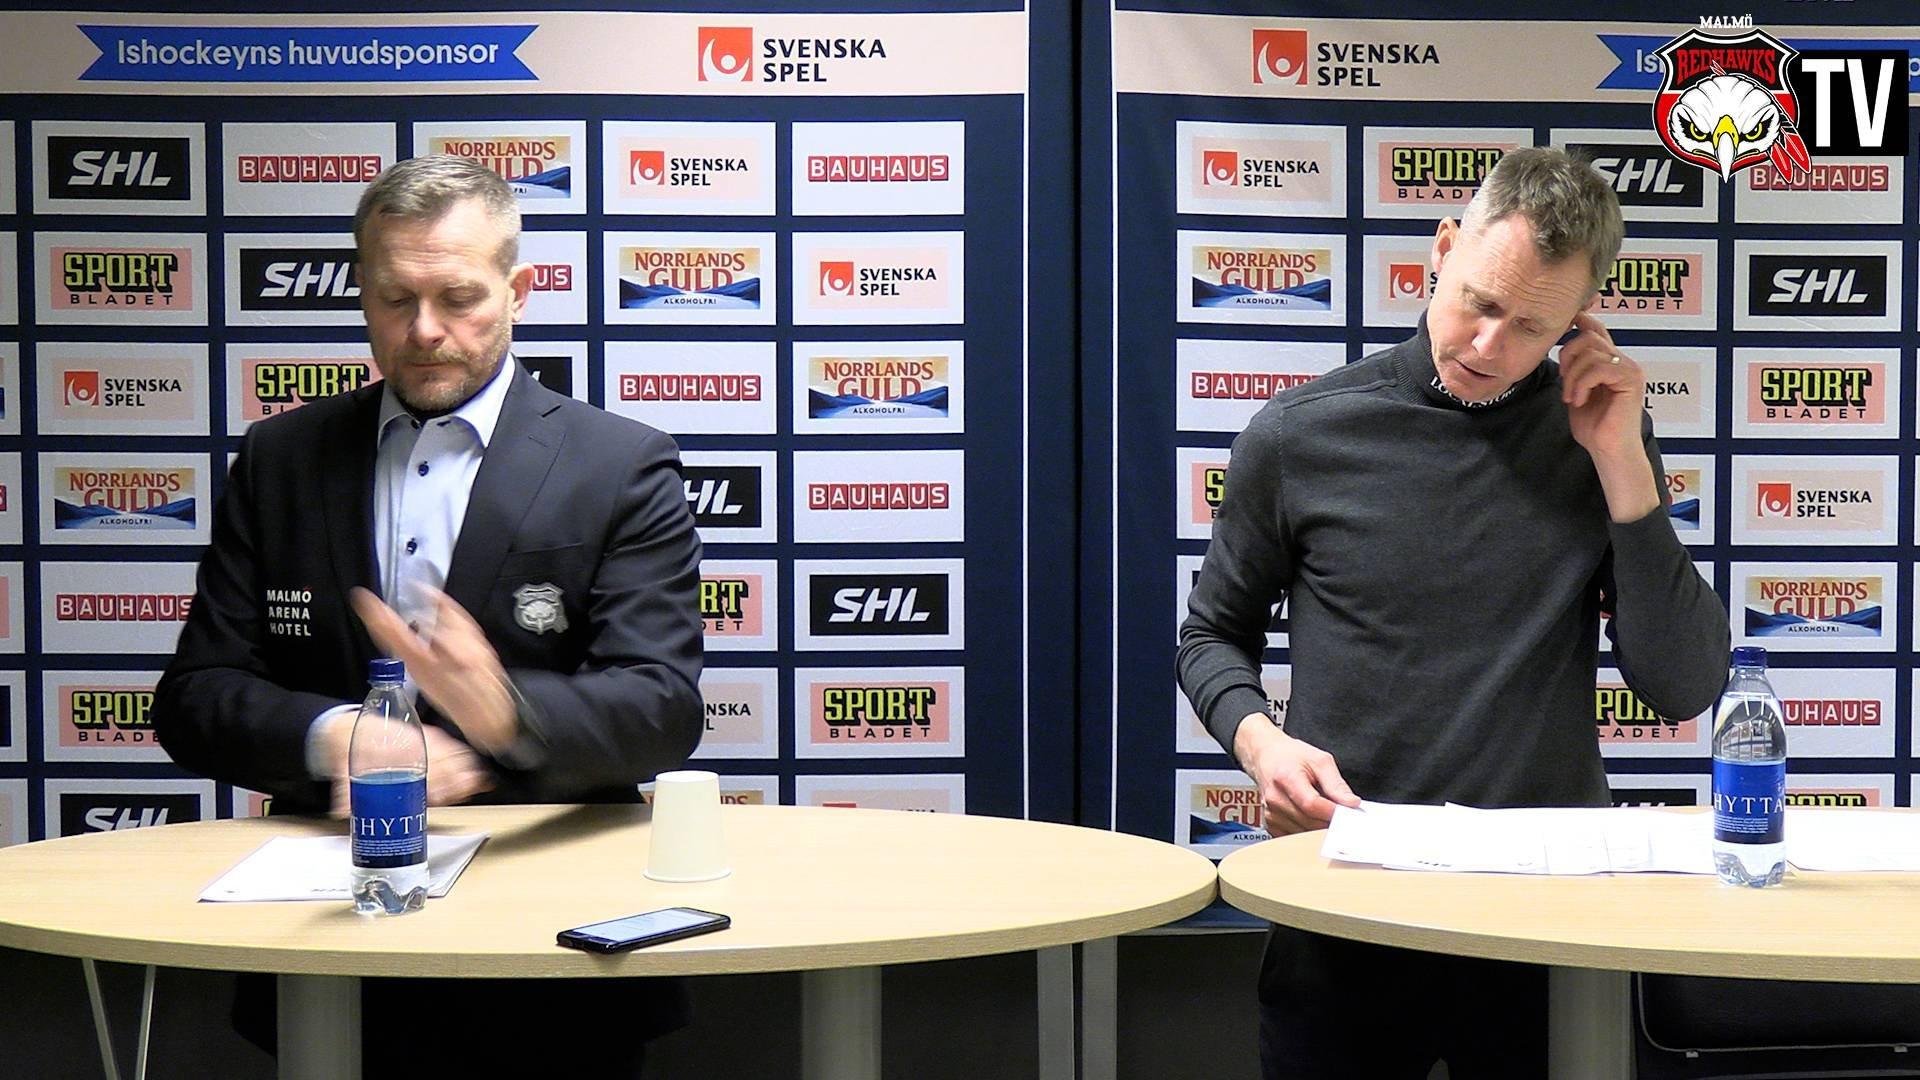 Presskonferens Malmö - Skellefteå